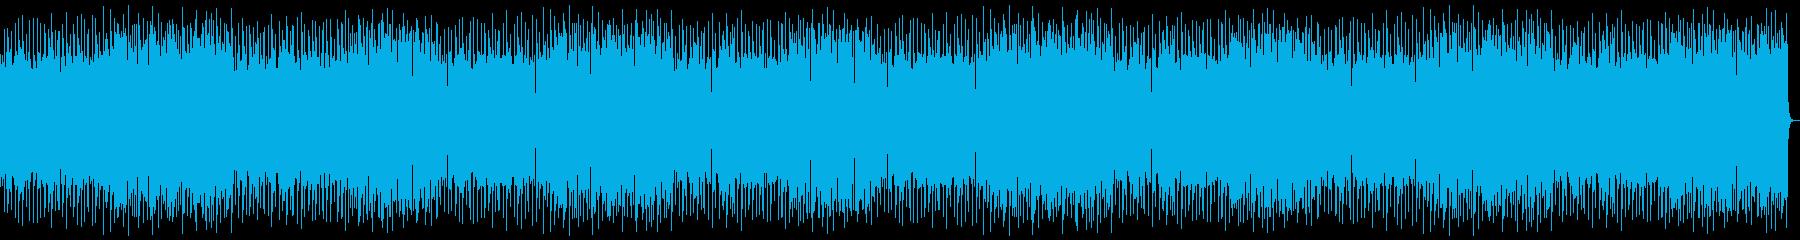 心地よいスローテンポな音楽の再生済みの波形